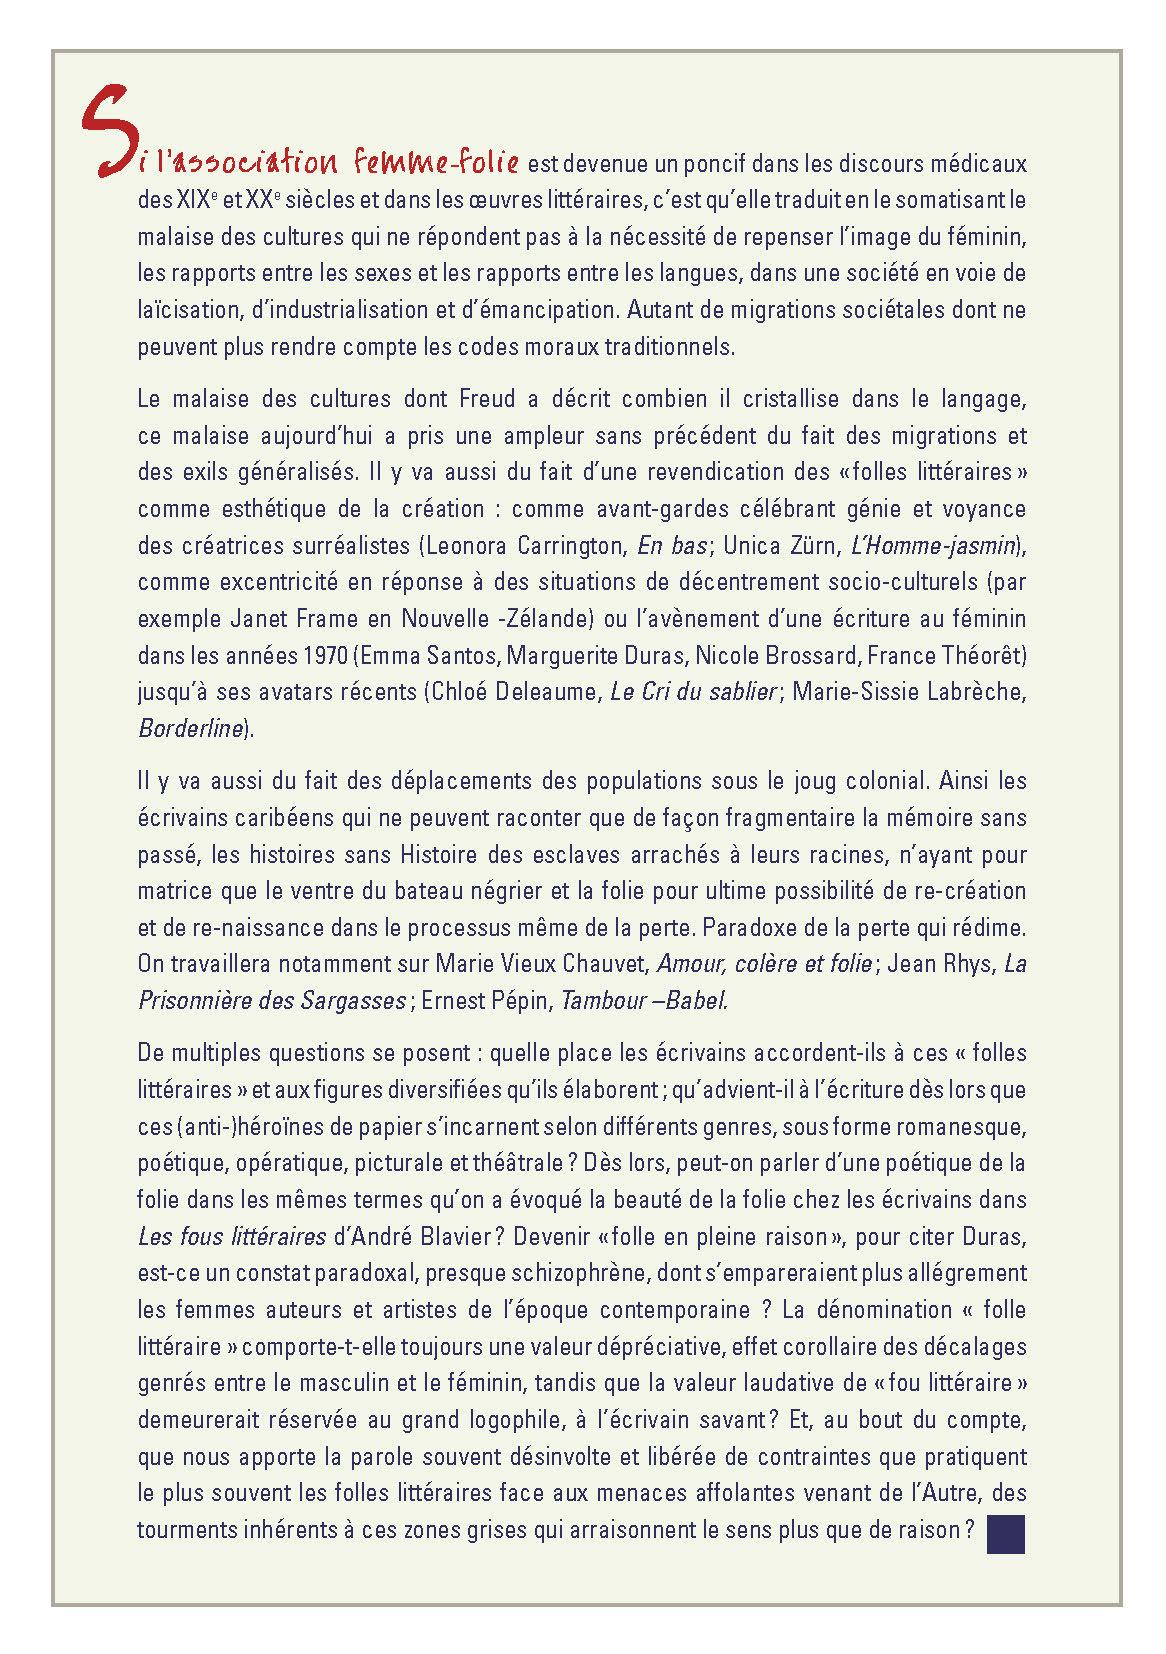 prog_les_folles_litteraires_8_9_nov2016-2_page_4